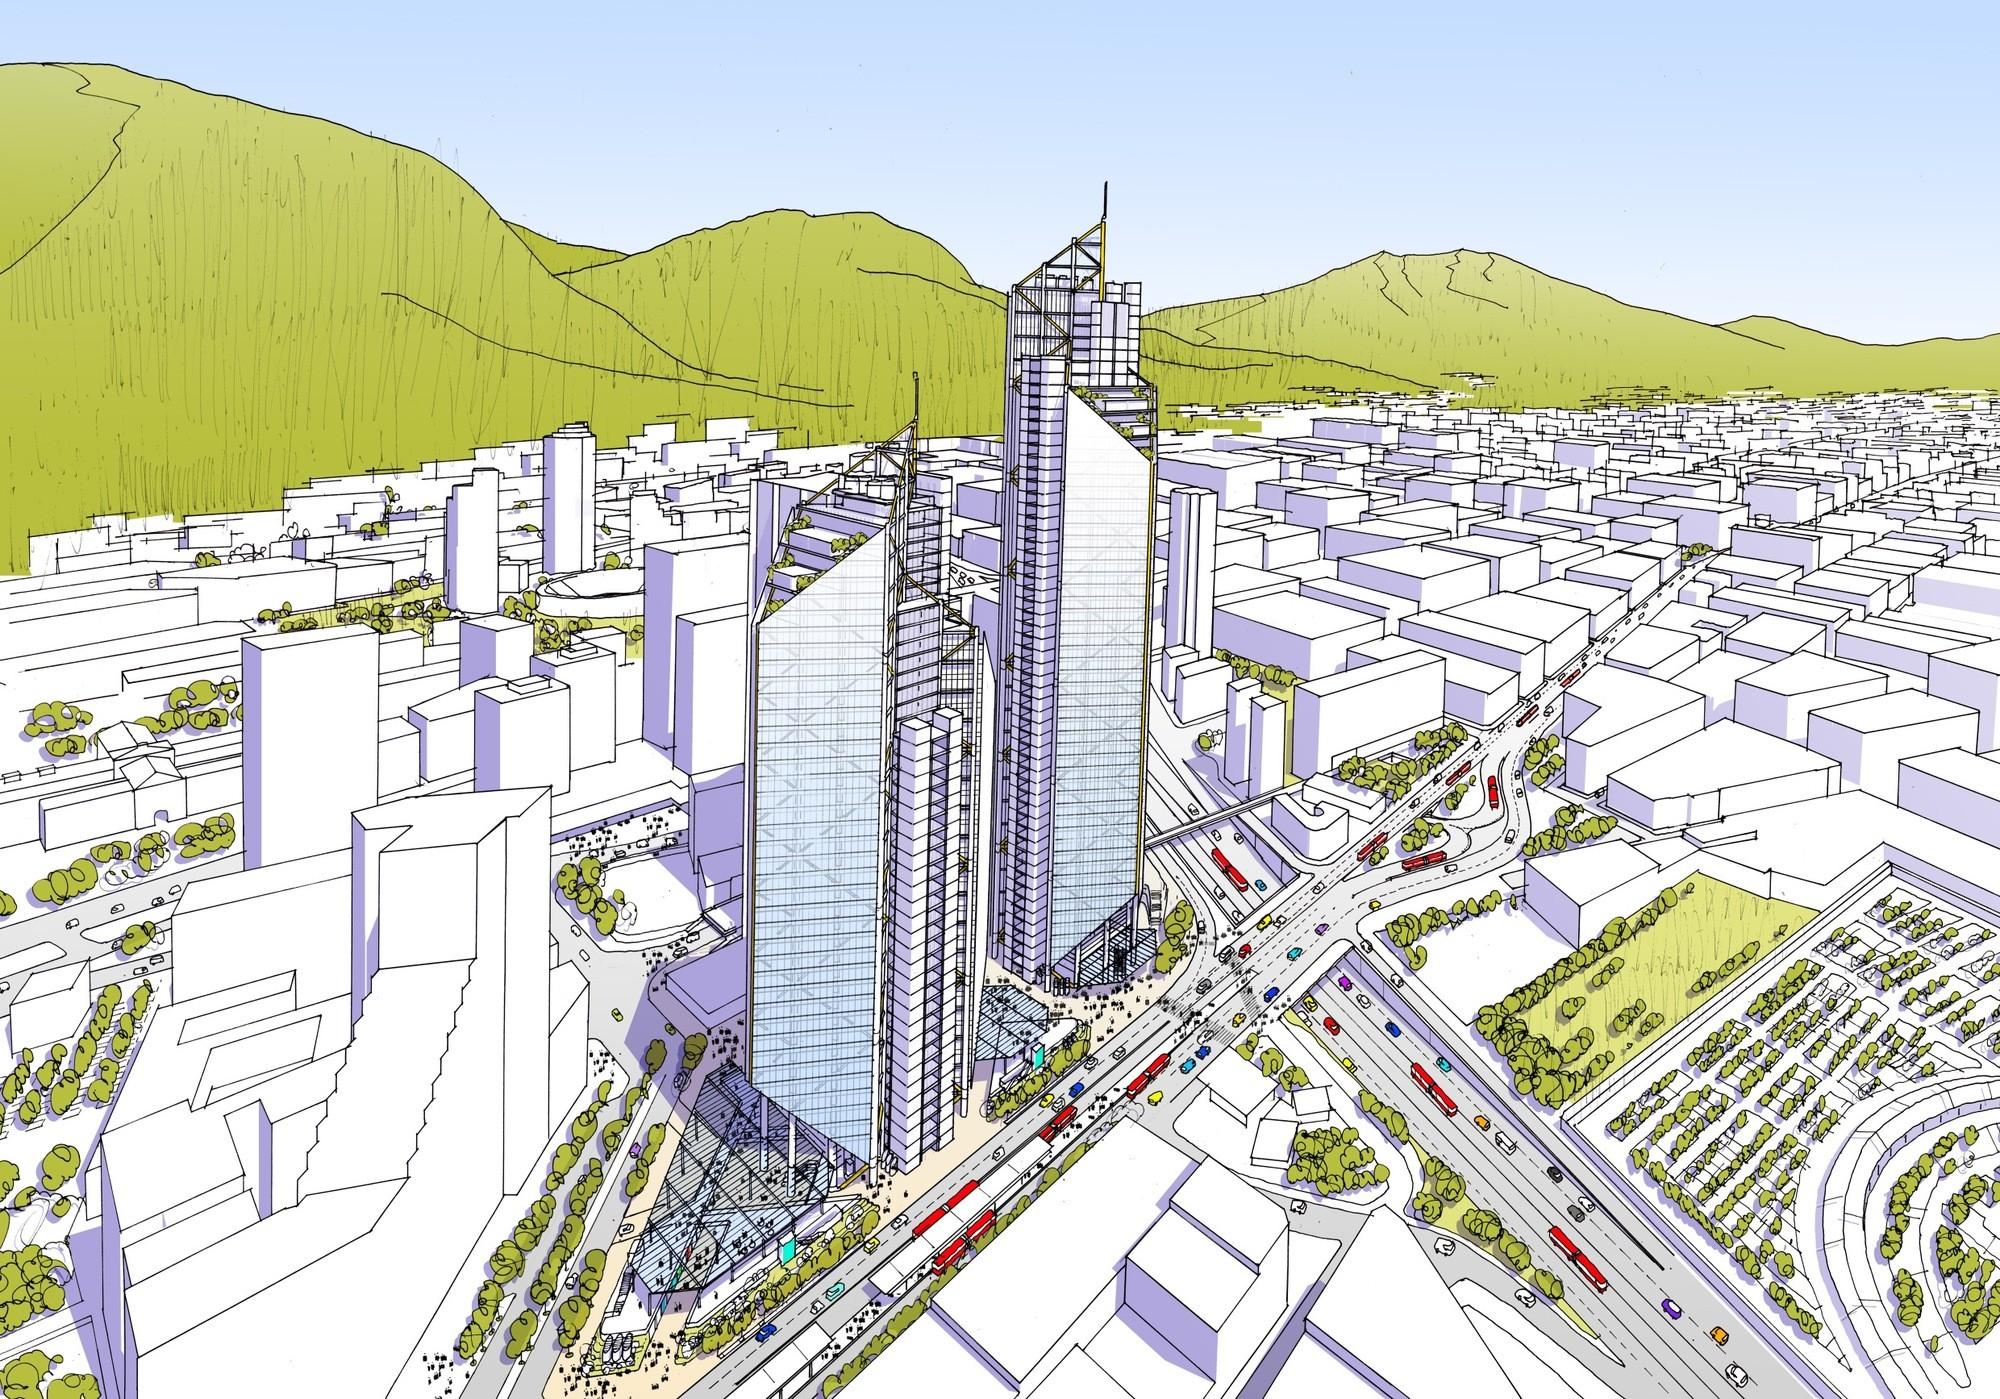 Richard Rogers en Colombia: 'La arquitectura es también política', Proyecto ATRIO en Bogotá. Image © RSHP